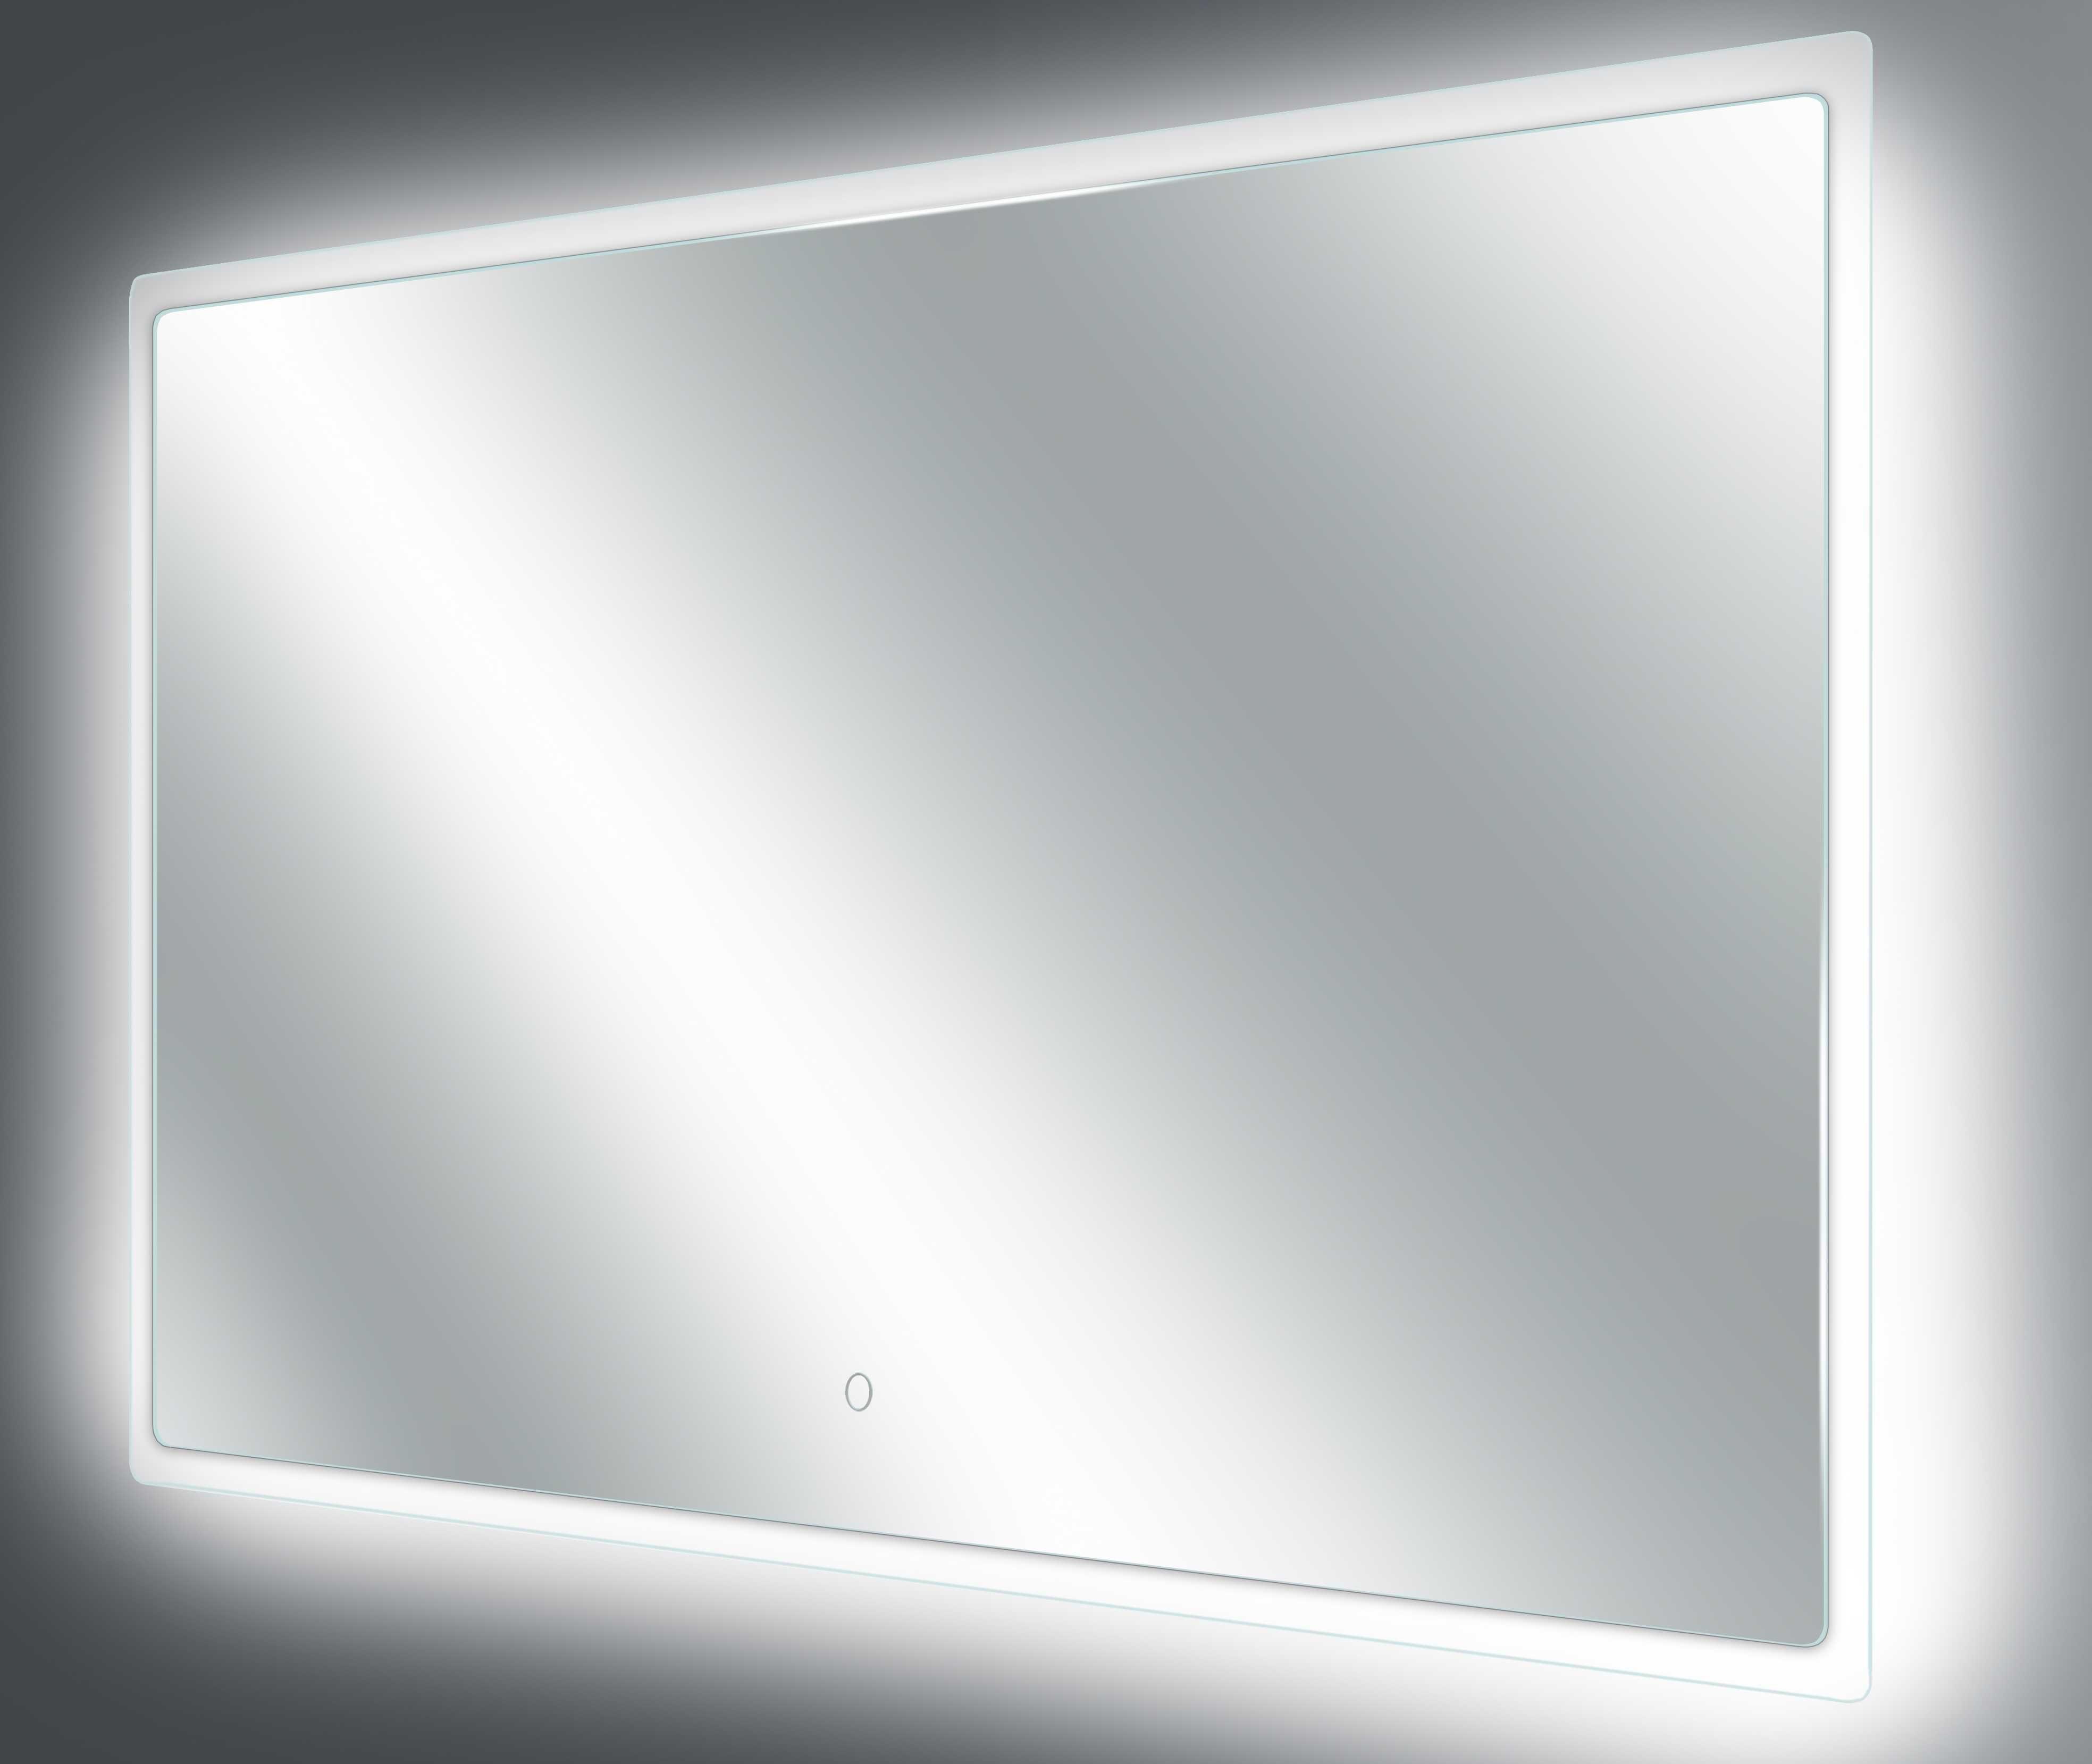 9 Neuester Fotografie Von Wohnzimmer Spiegel Mit Led  Led